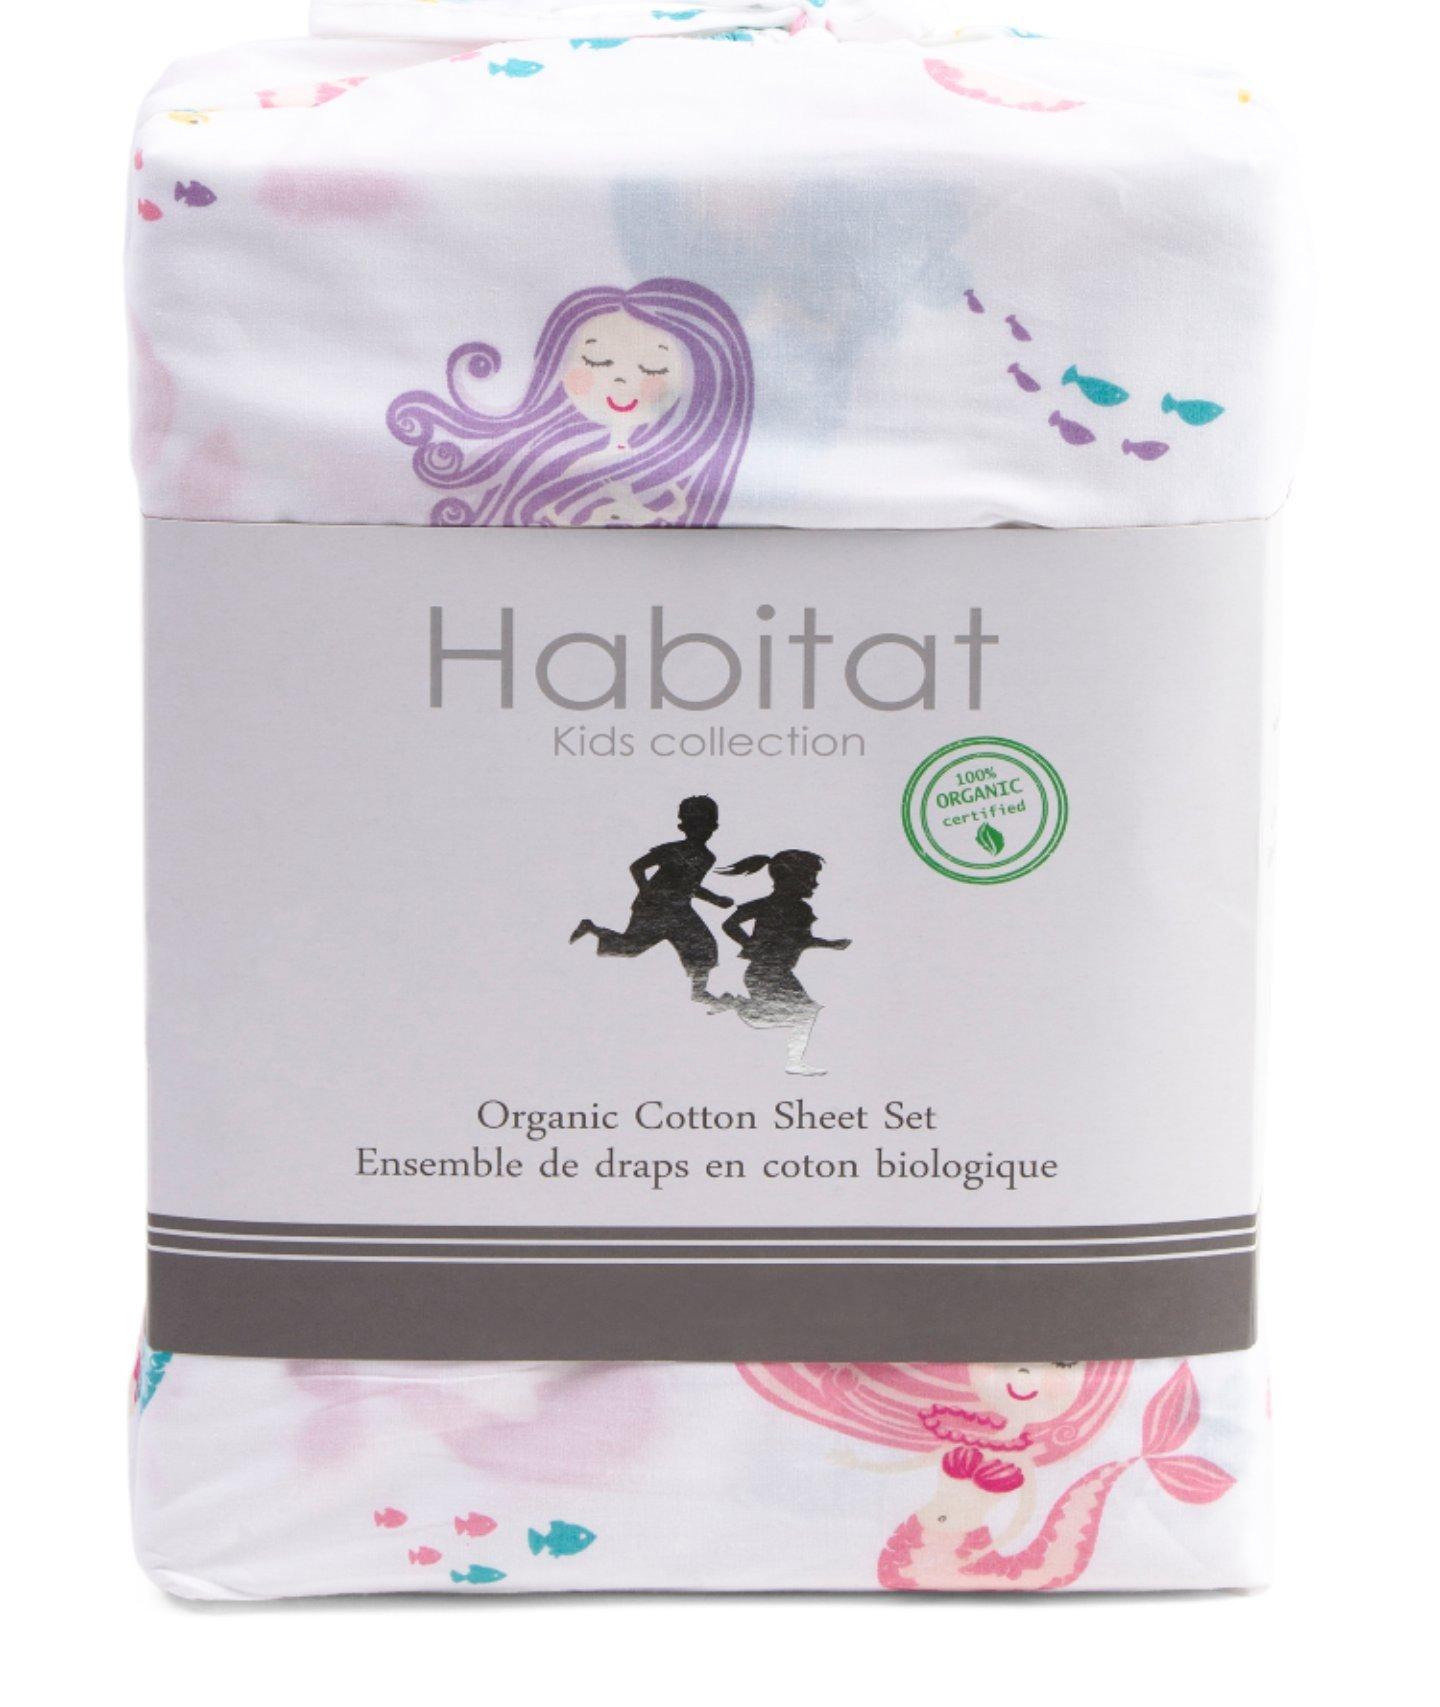 Habitat Kids Mermaid Full Double Sheet Set 4 piece set Cotton Fish Ocean Turtles Girls Sheets Bedding Pink Purple White